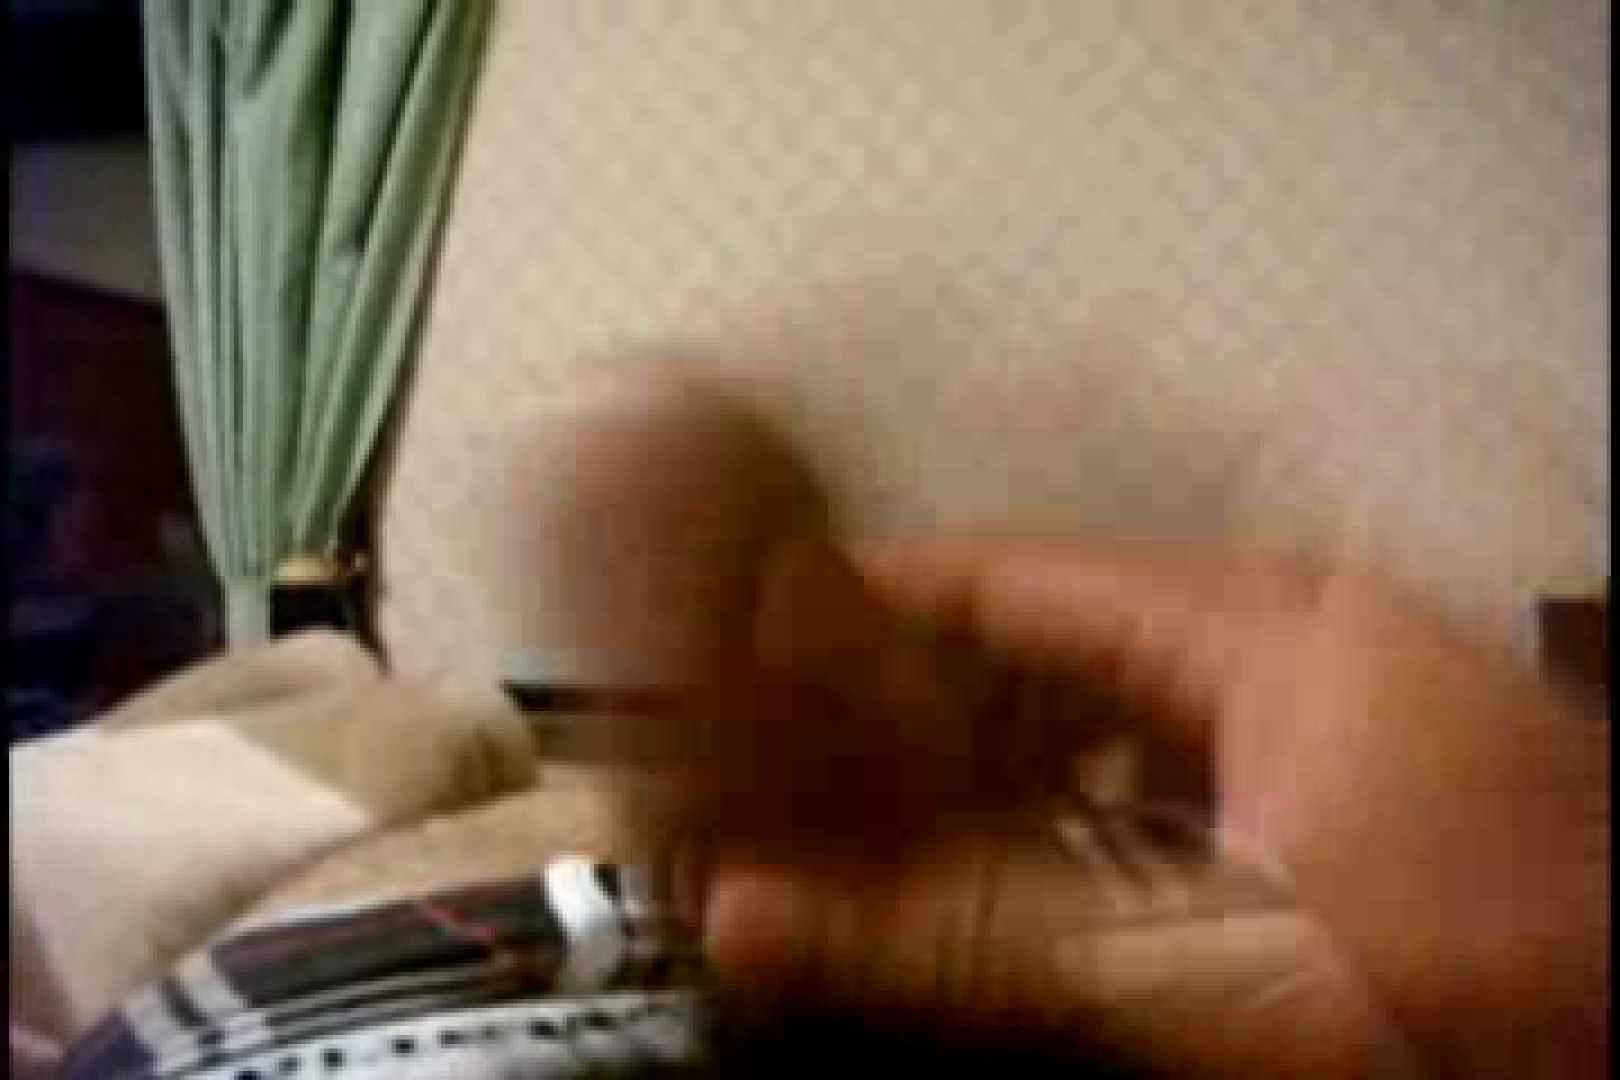 オナ好きノンケテニス部員の自画撮り投稿vol.01 愛するノンケ | チンコ  14枚 2